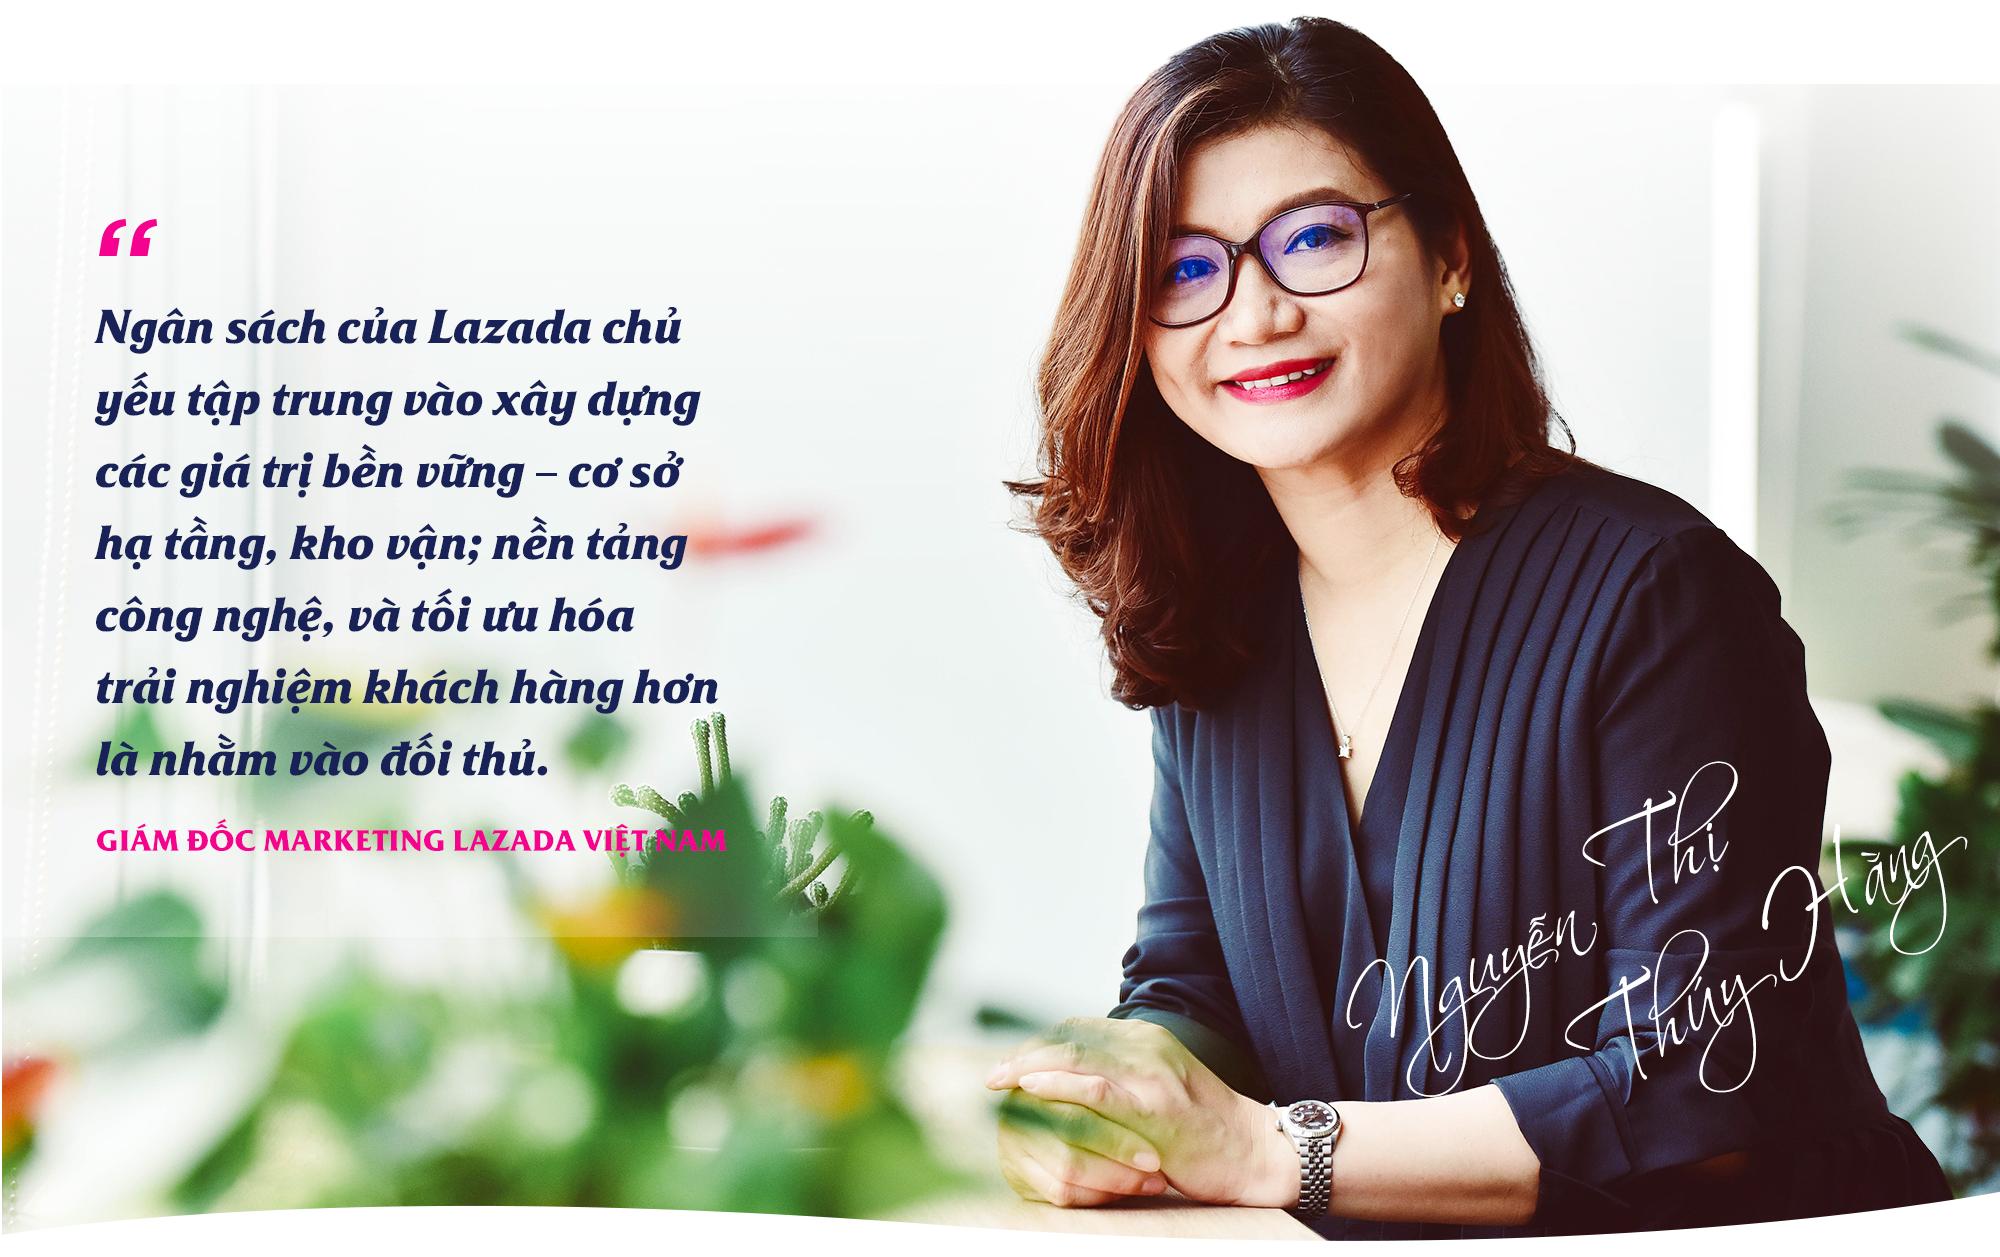 CMO Nguyễn Thị Thúy Hằng: Làm việc ở Lazada sẽ có tư duy như chủ của một start-up - Ảnh 12.